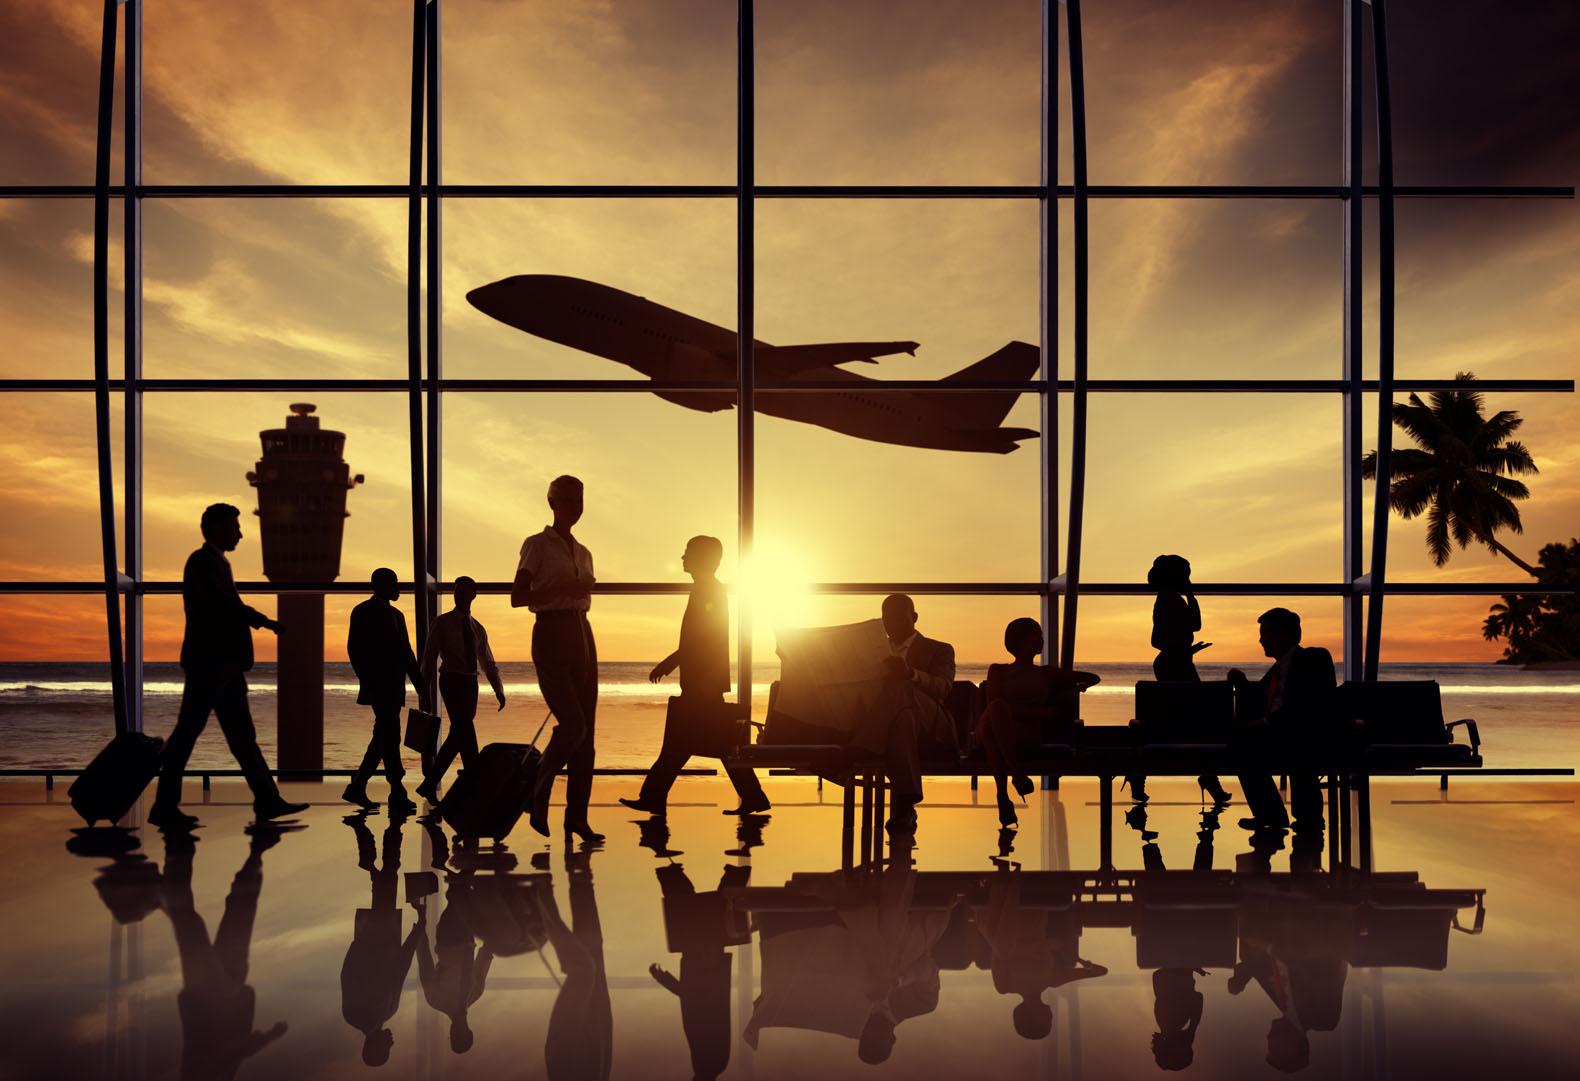 Voyages d'affaires & Transferts